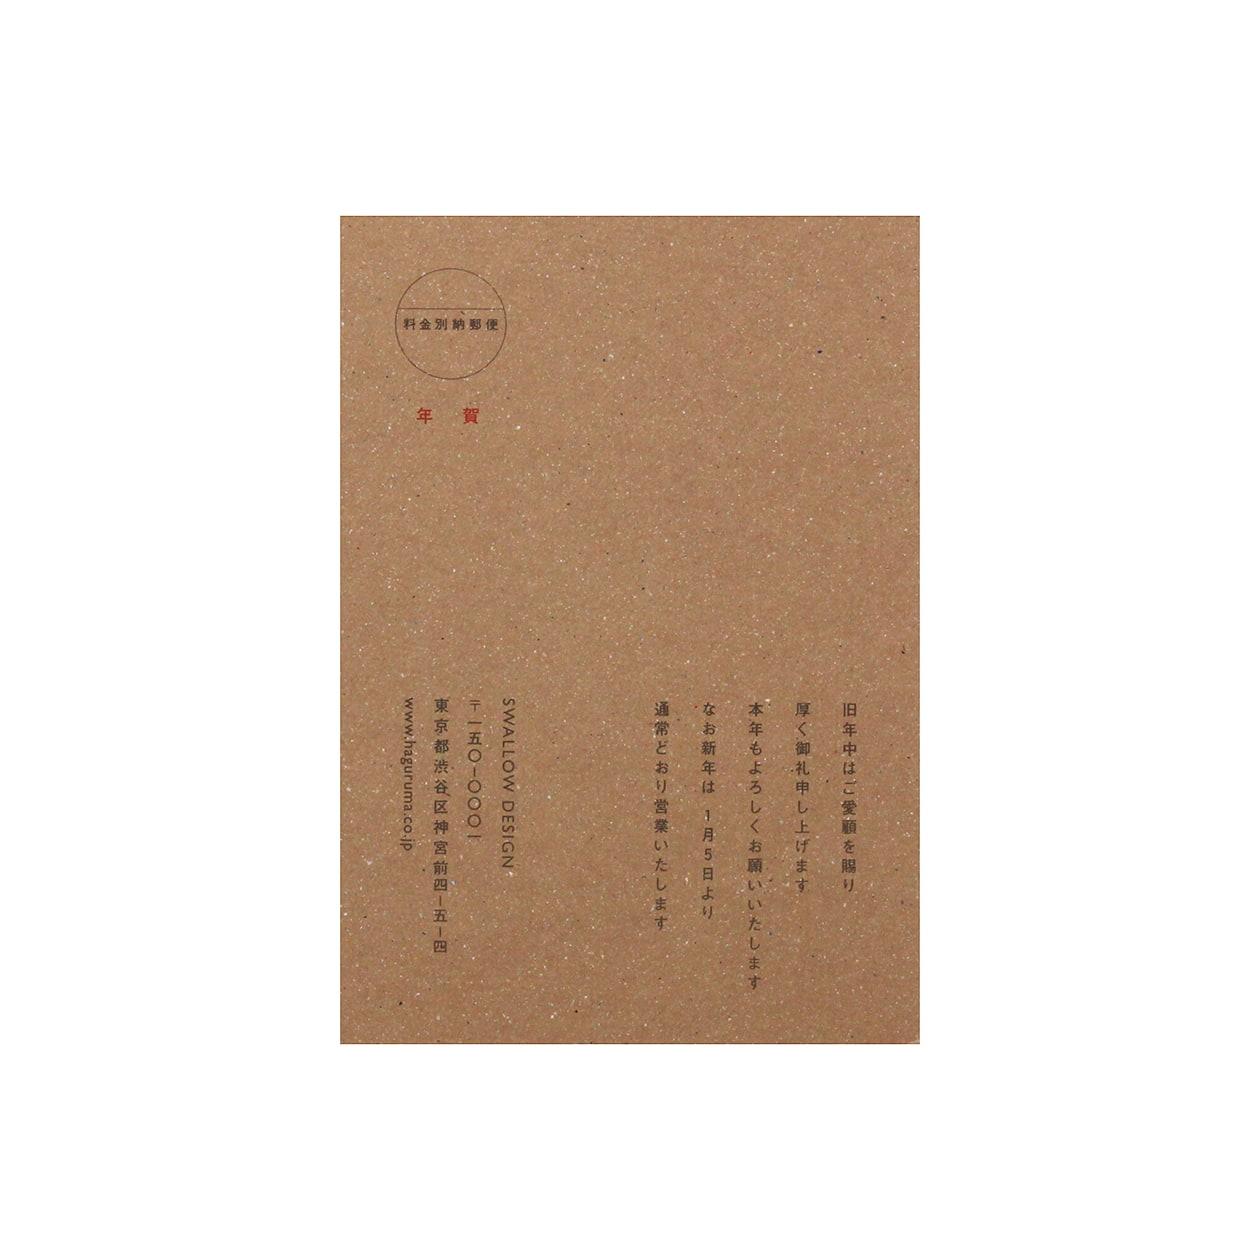 サンプル カード・シート 00258